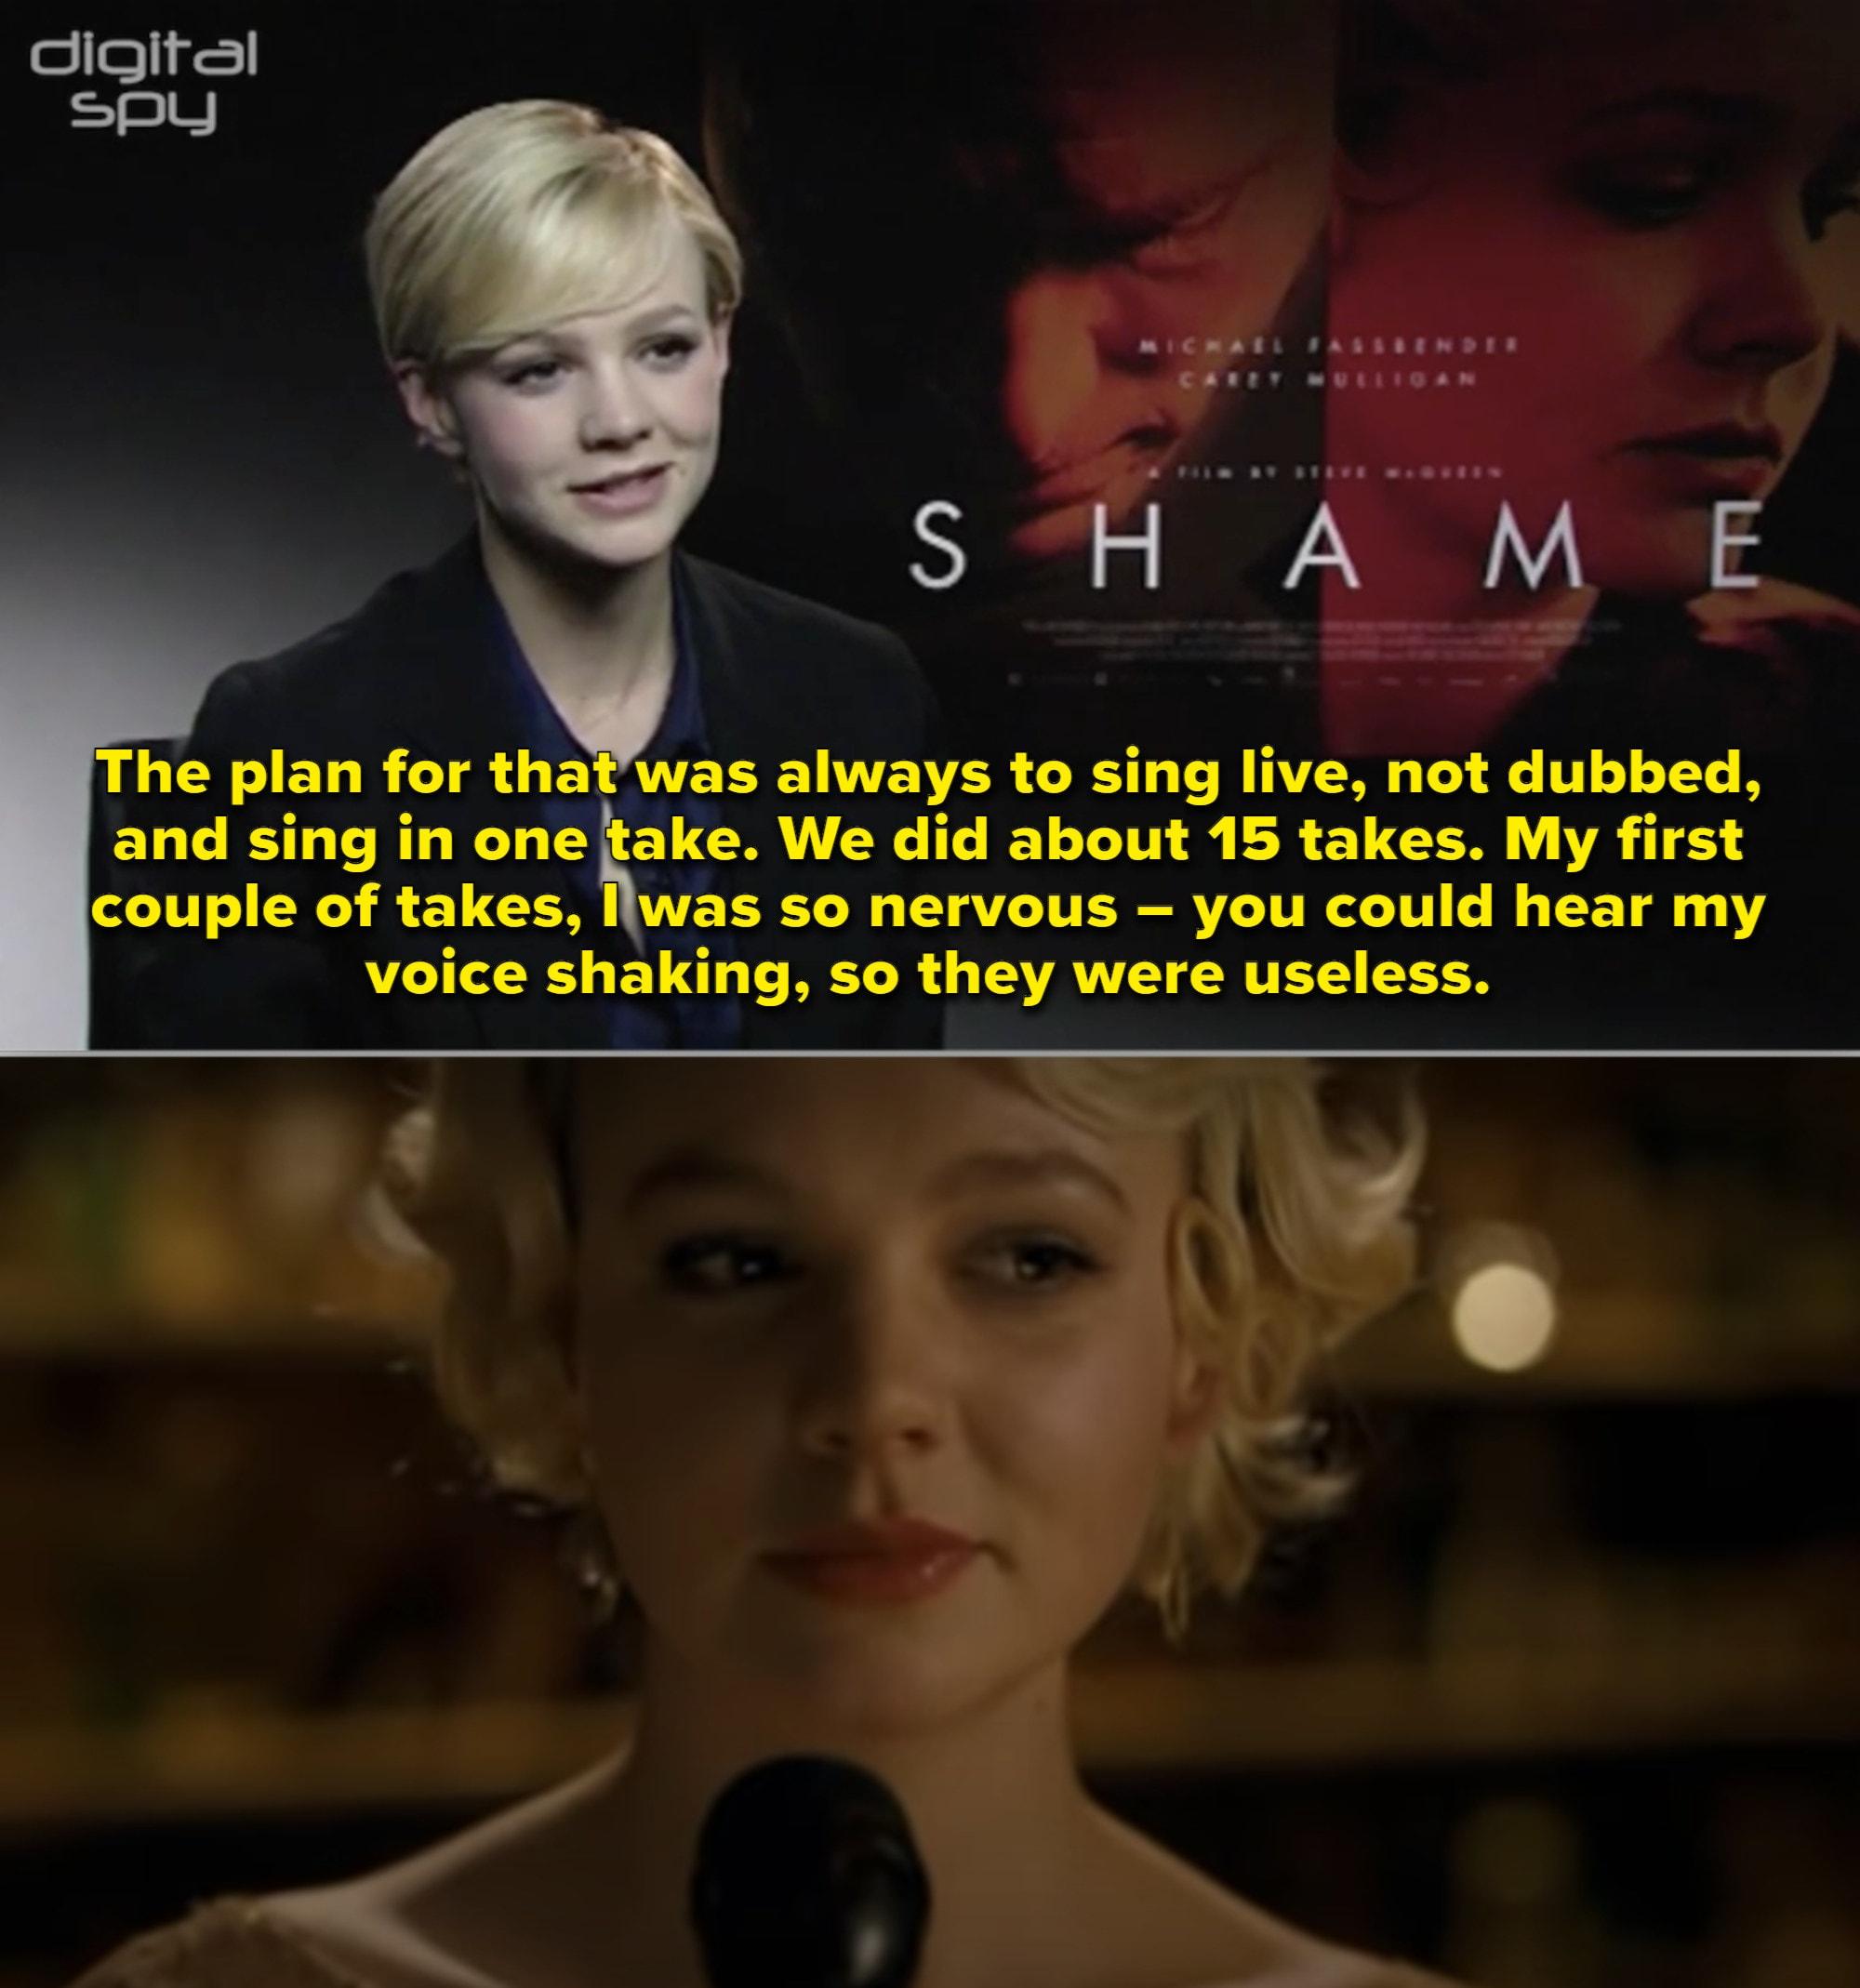 """Carey Mulligan cantando num bar no filme """"Shame"""""""